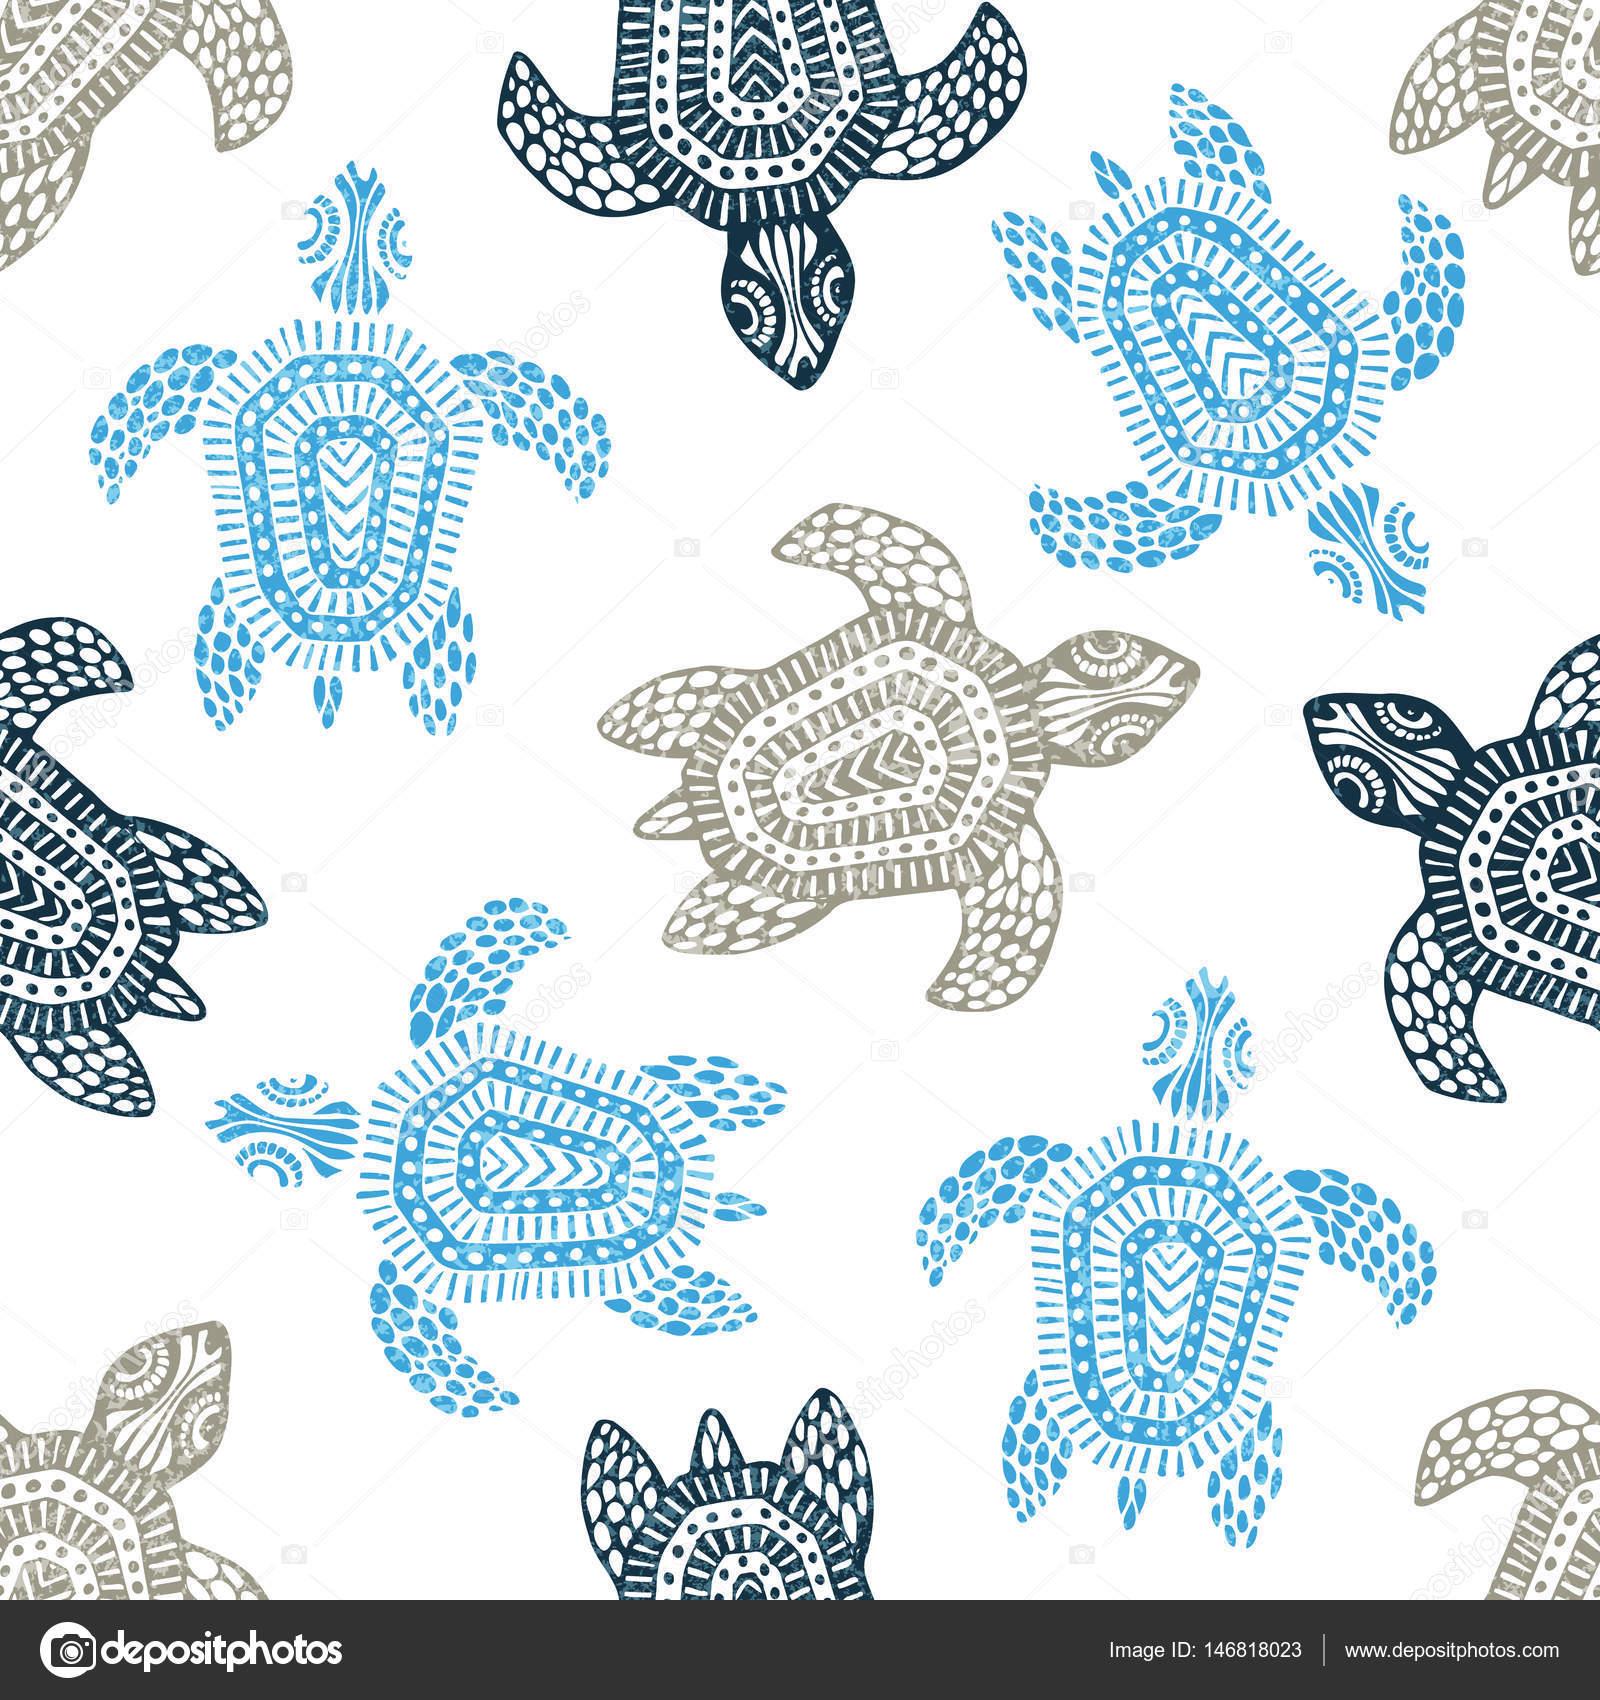 Schildkröten - nahtlose Muster. Blauen, grauen und weißen Farben ...